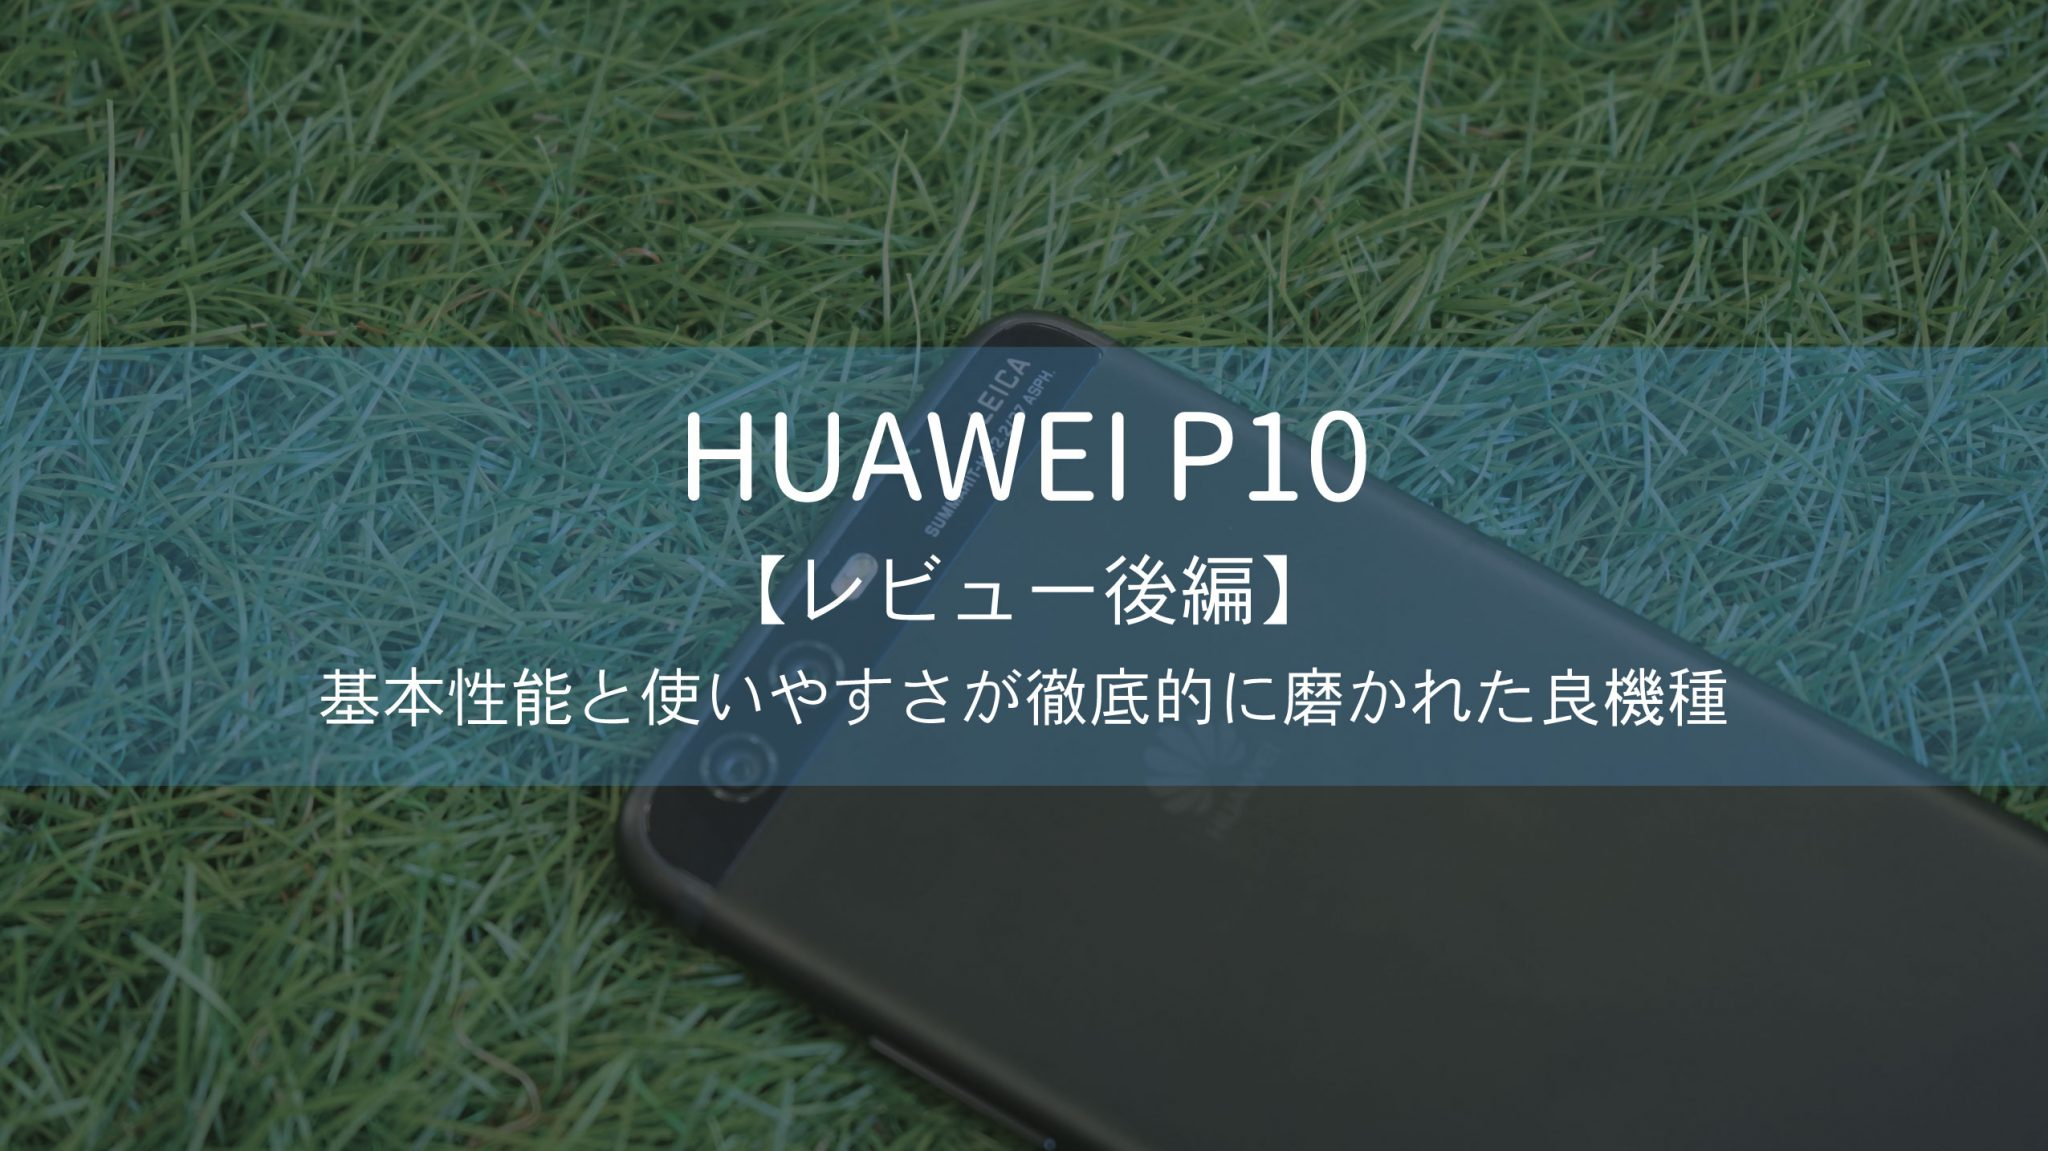 【レビュー後編】HUAWEI P10―基本性能と使いやすさが徹底的に磨かれた良機種